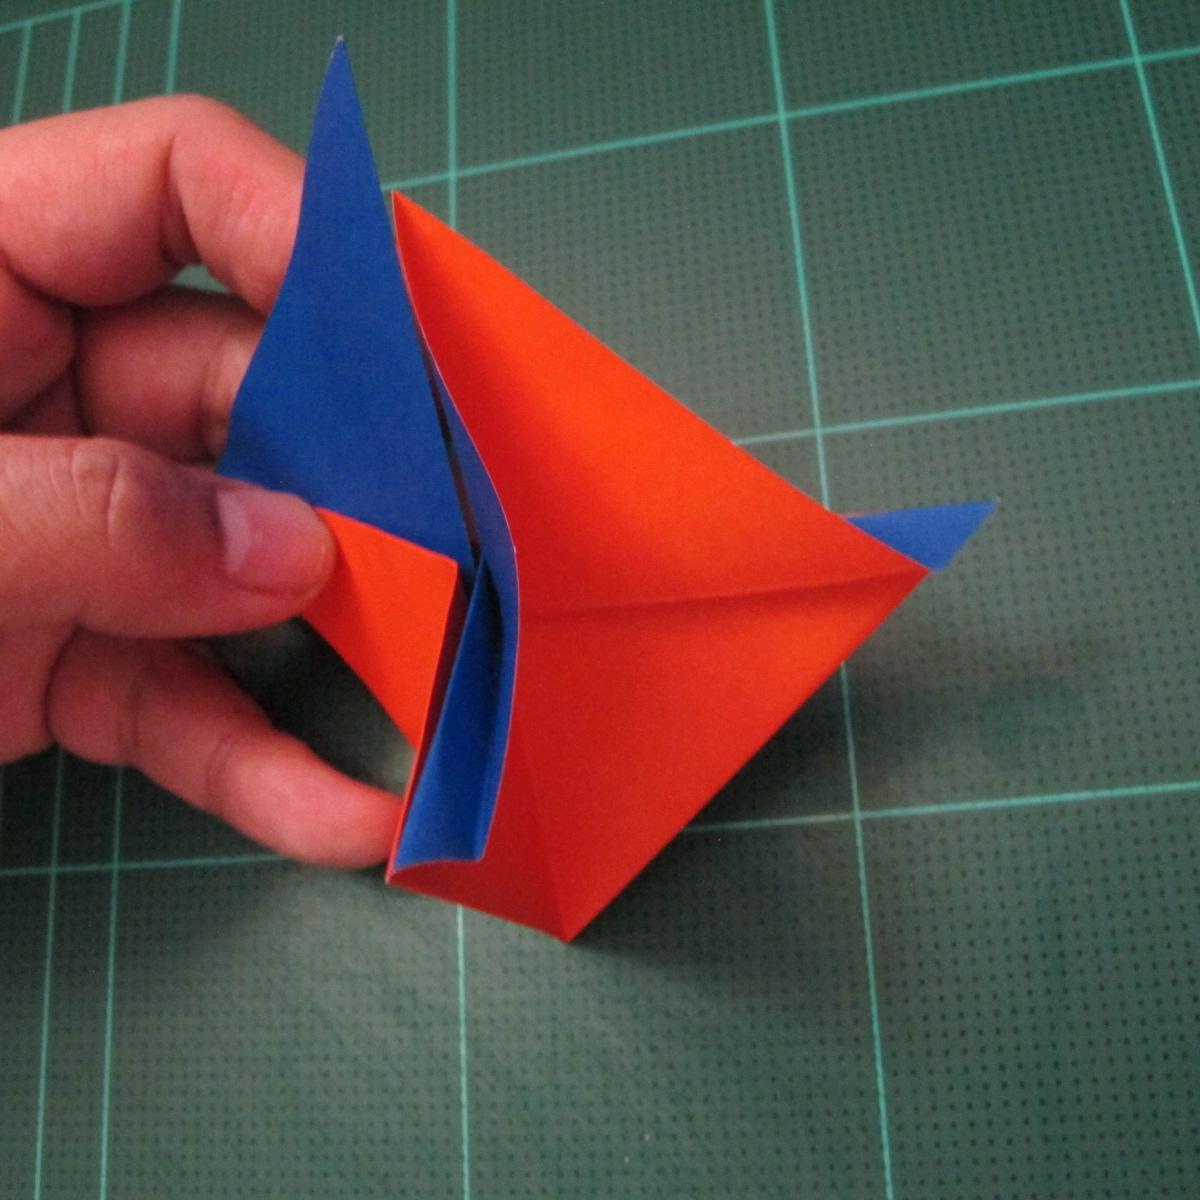 การพับกระดาษเป็นรูปเรือใบ (Origami Sail Boat) 006